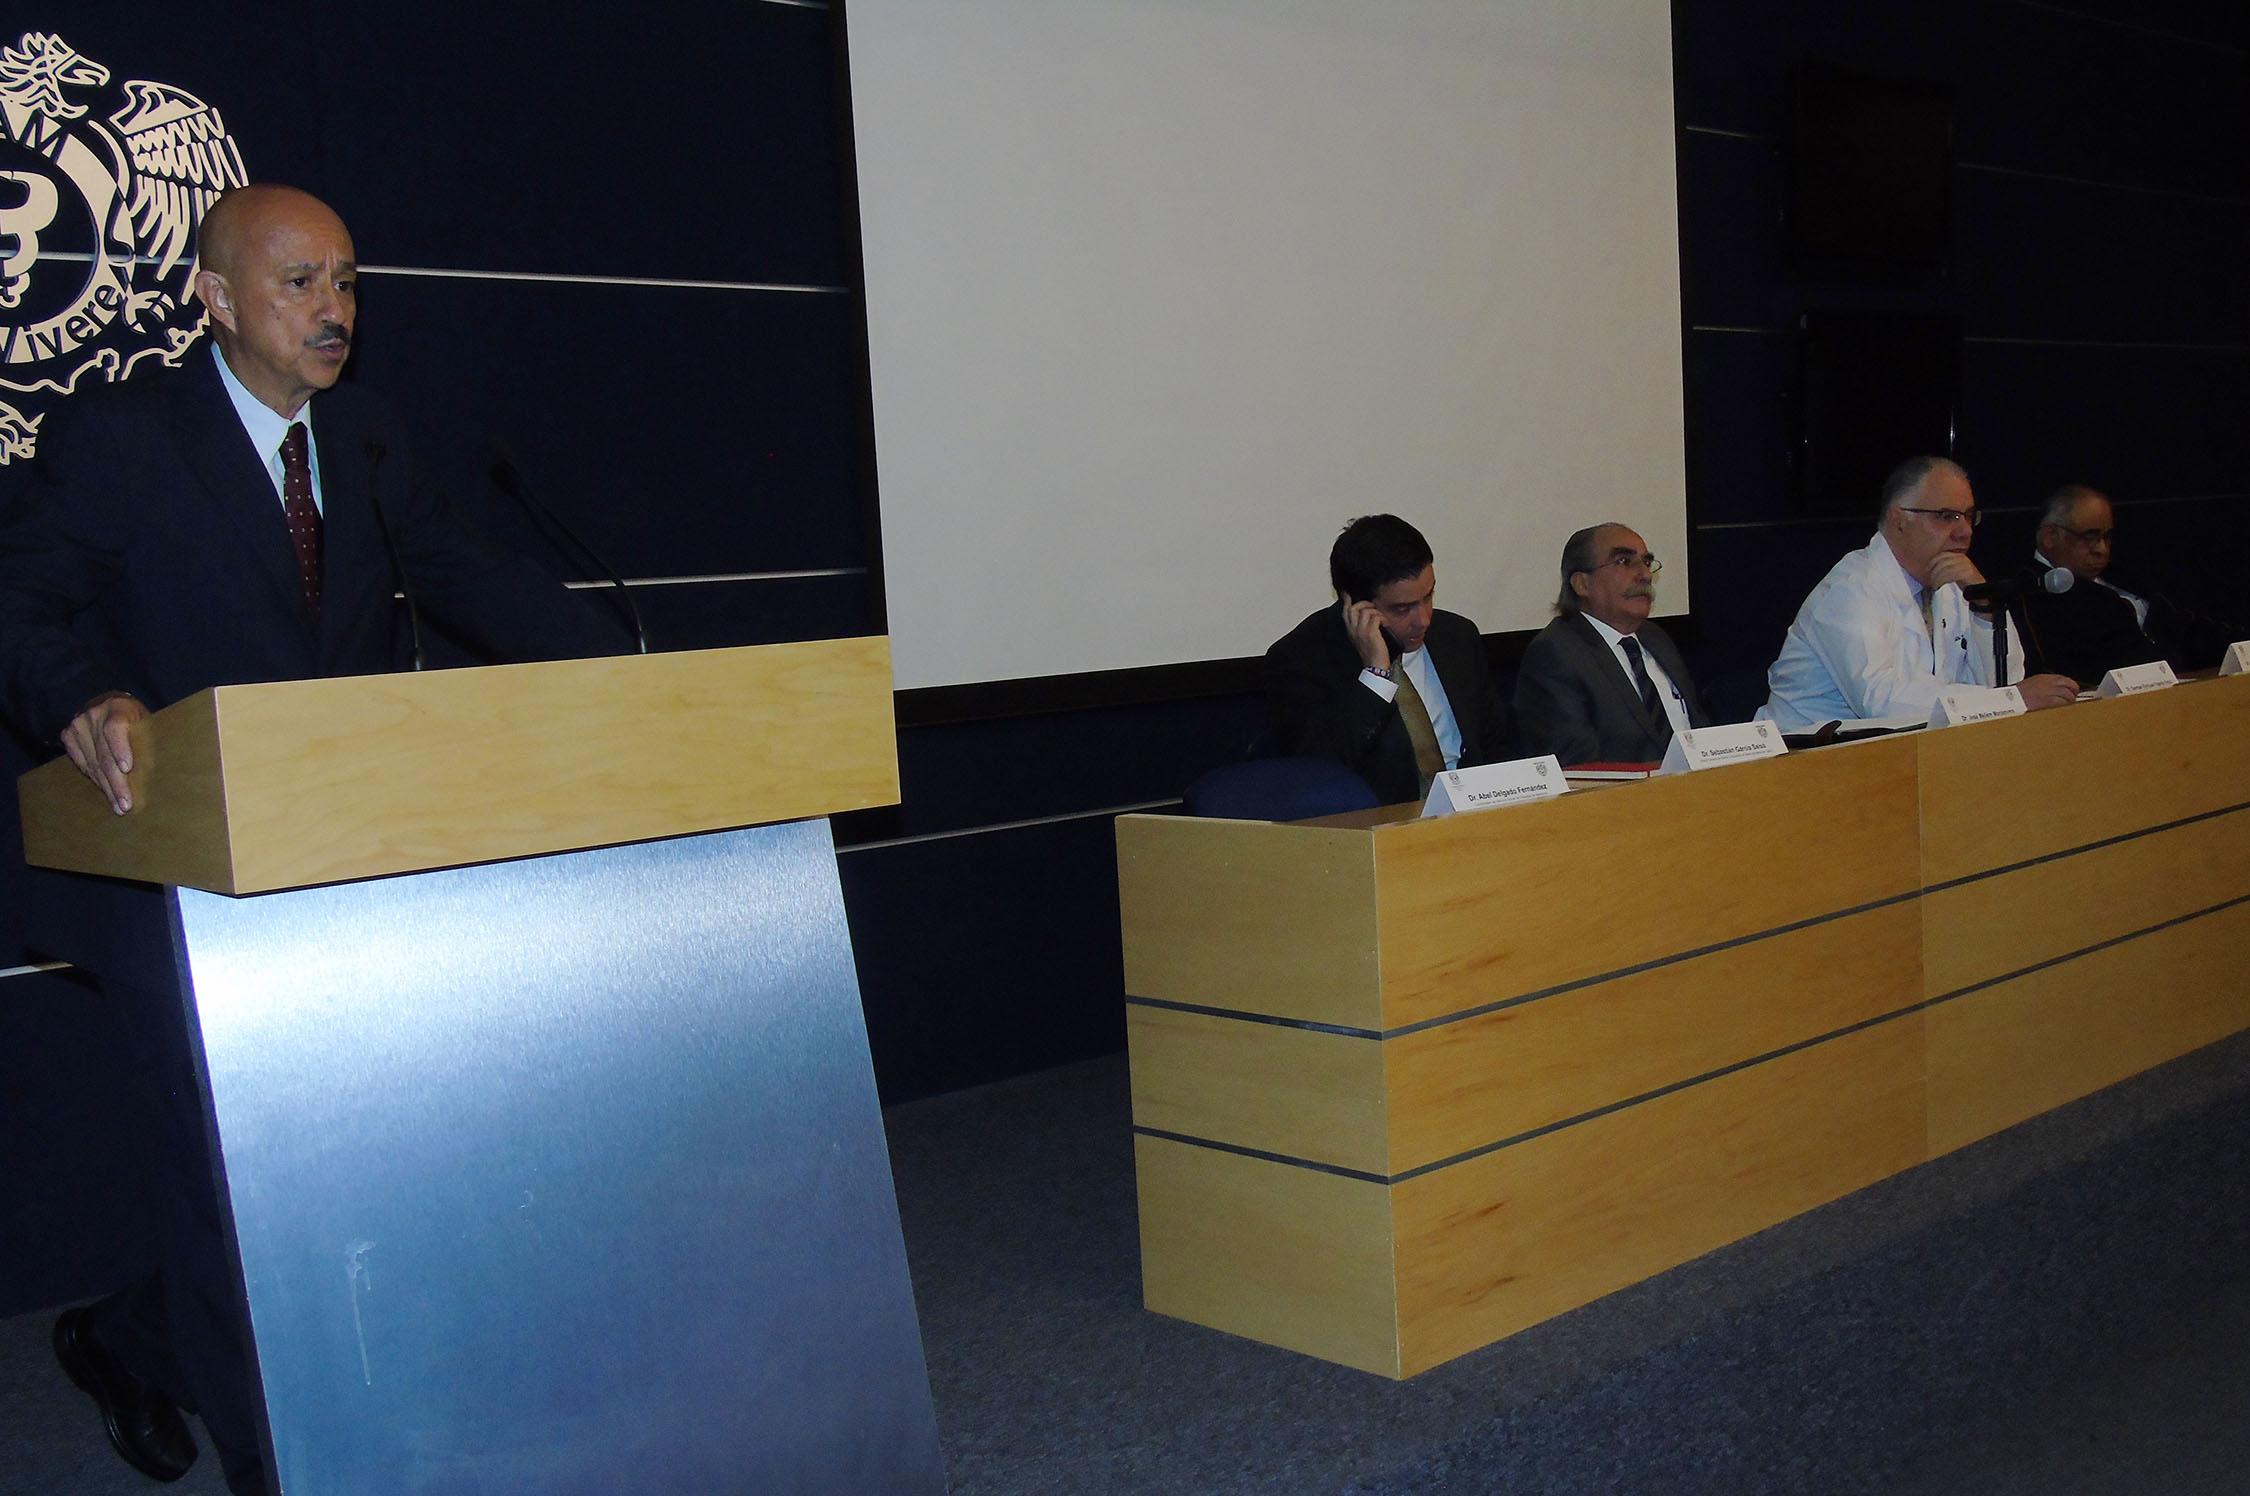 Tlaxcala estado piloto en innovación de servicio social